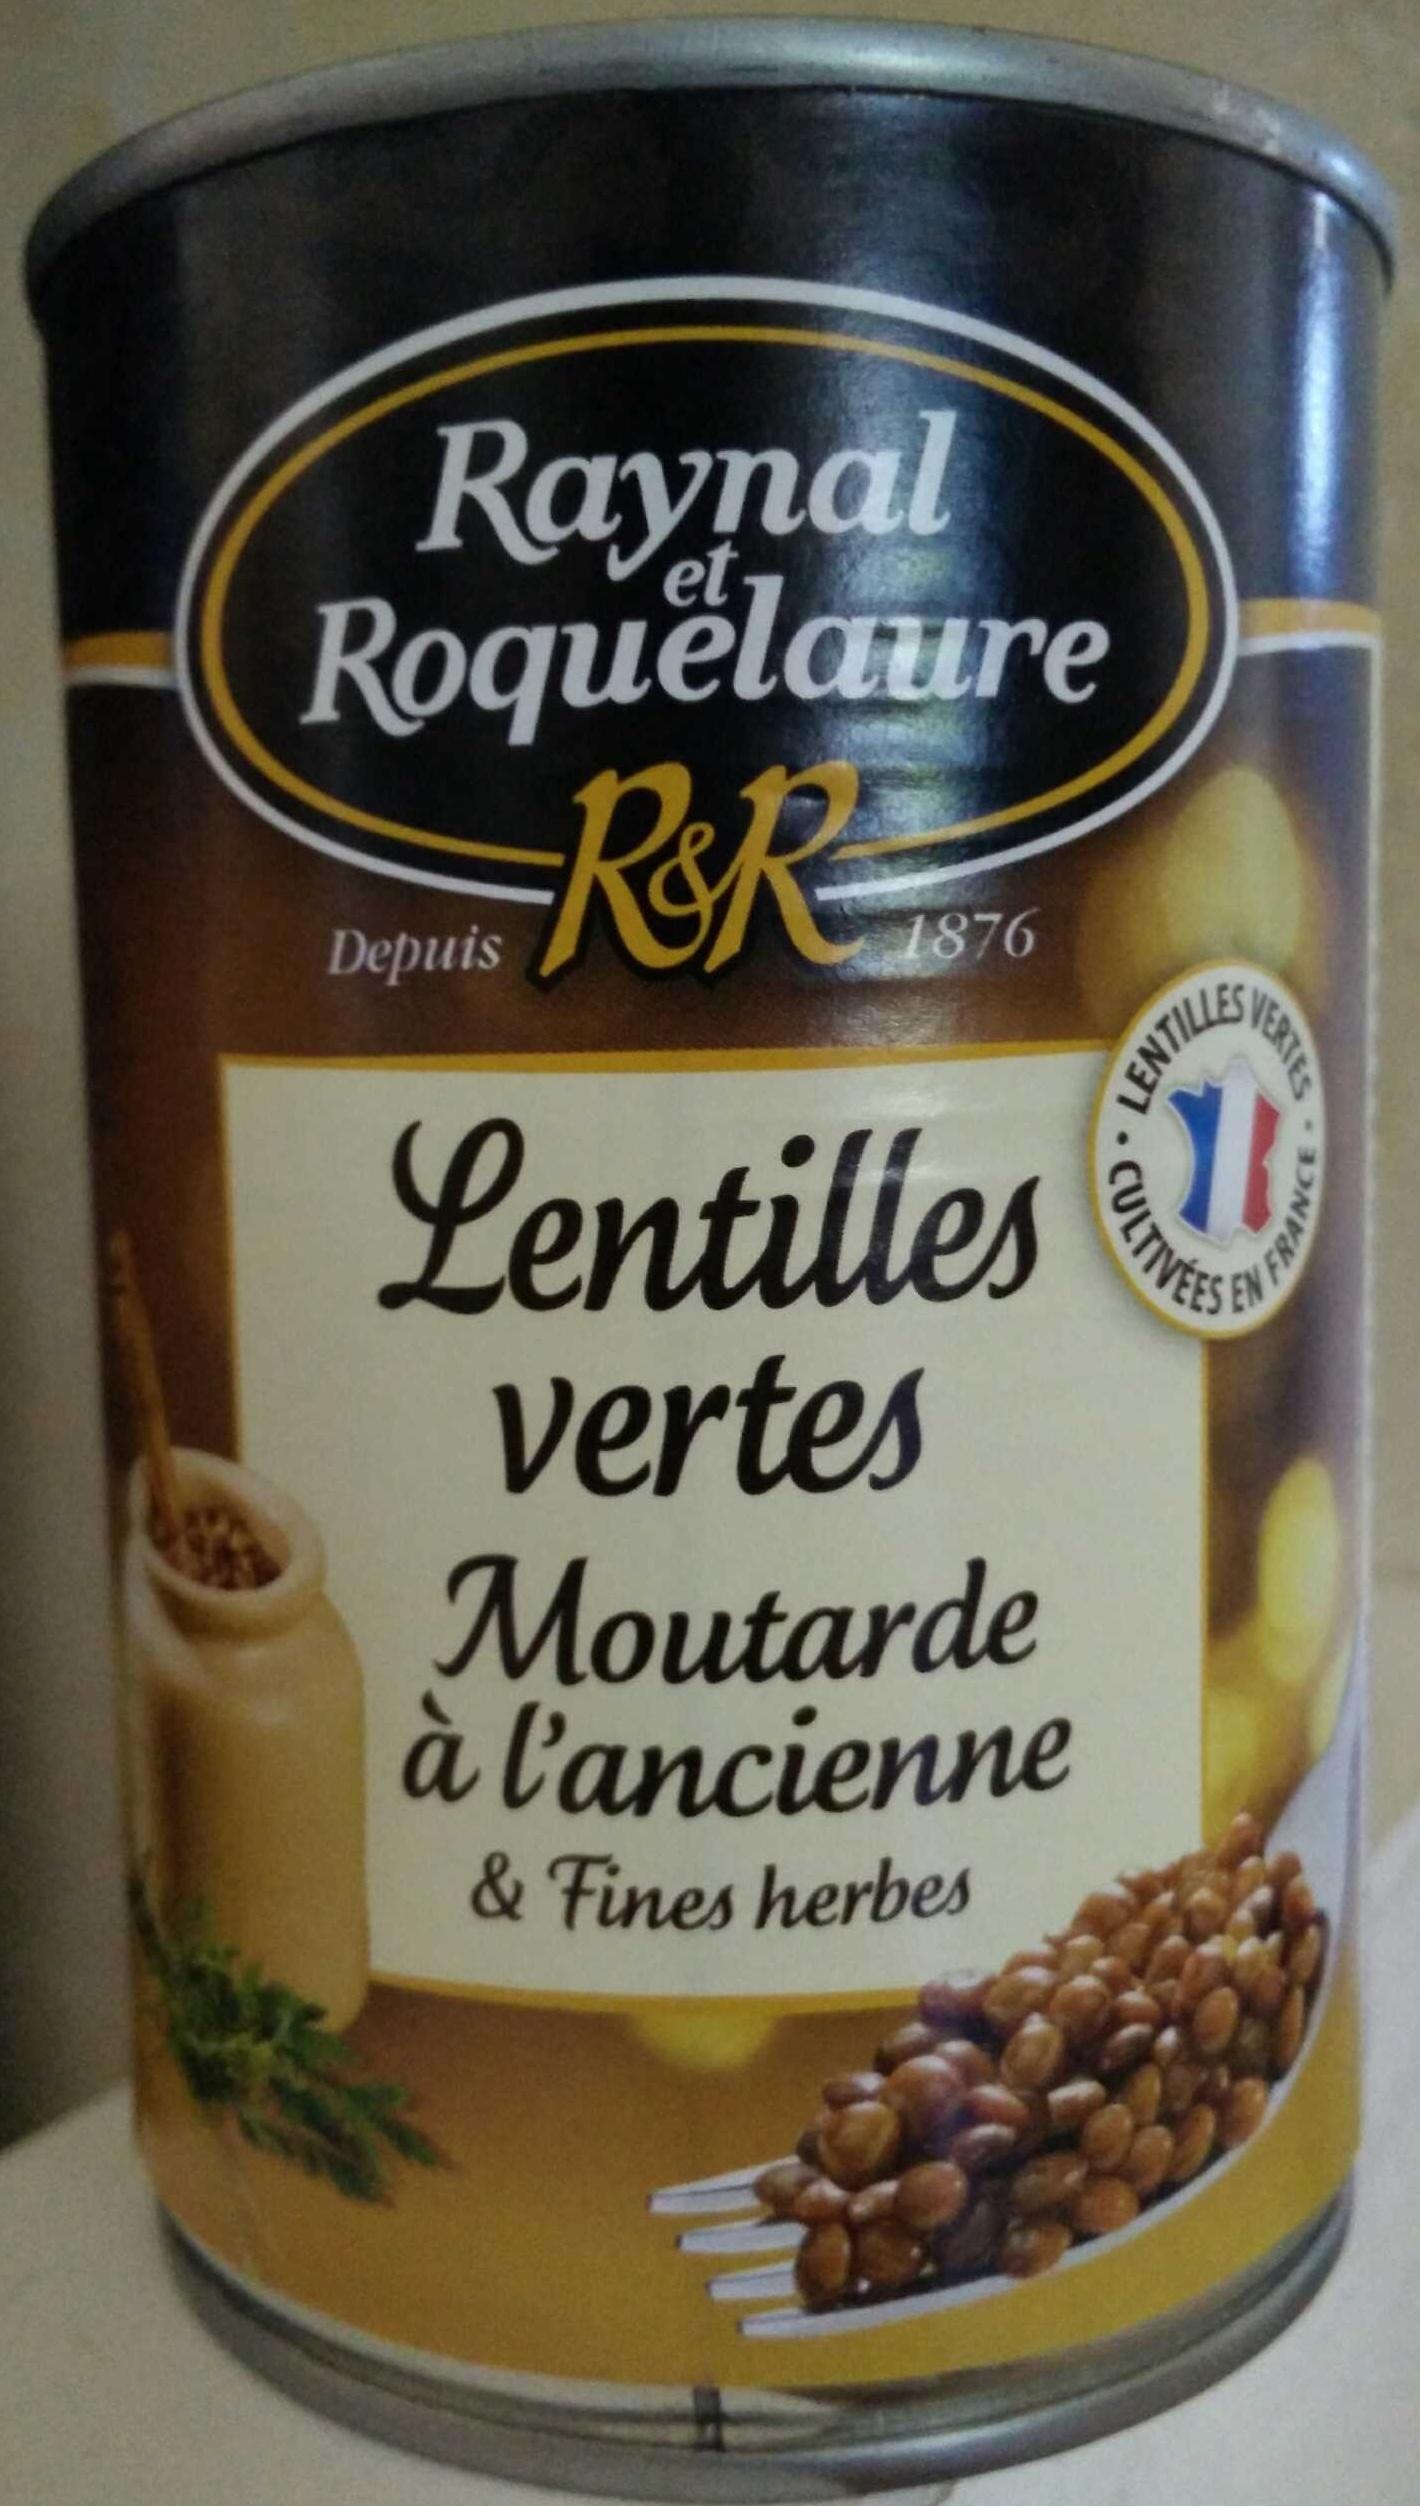 Lentilles vertes Moutarde à l'ancienne & Fines herbes - Produit - fr